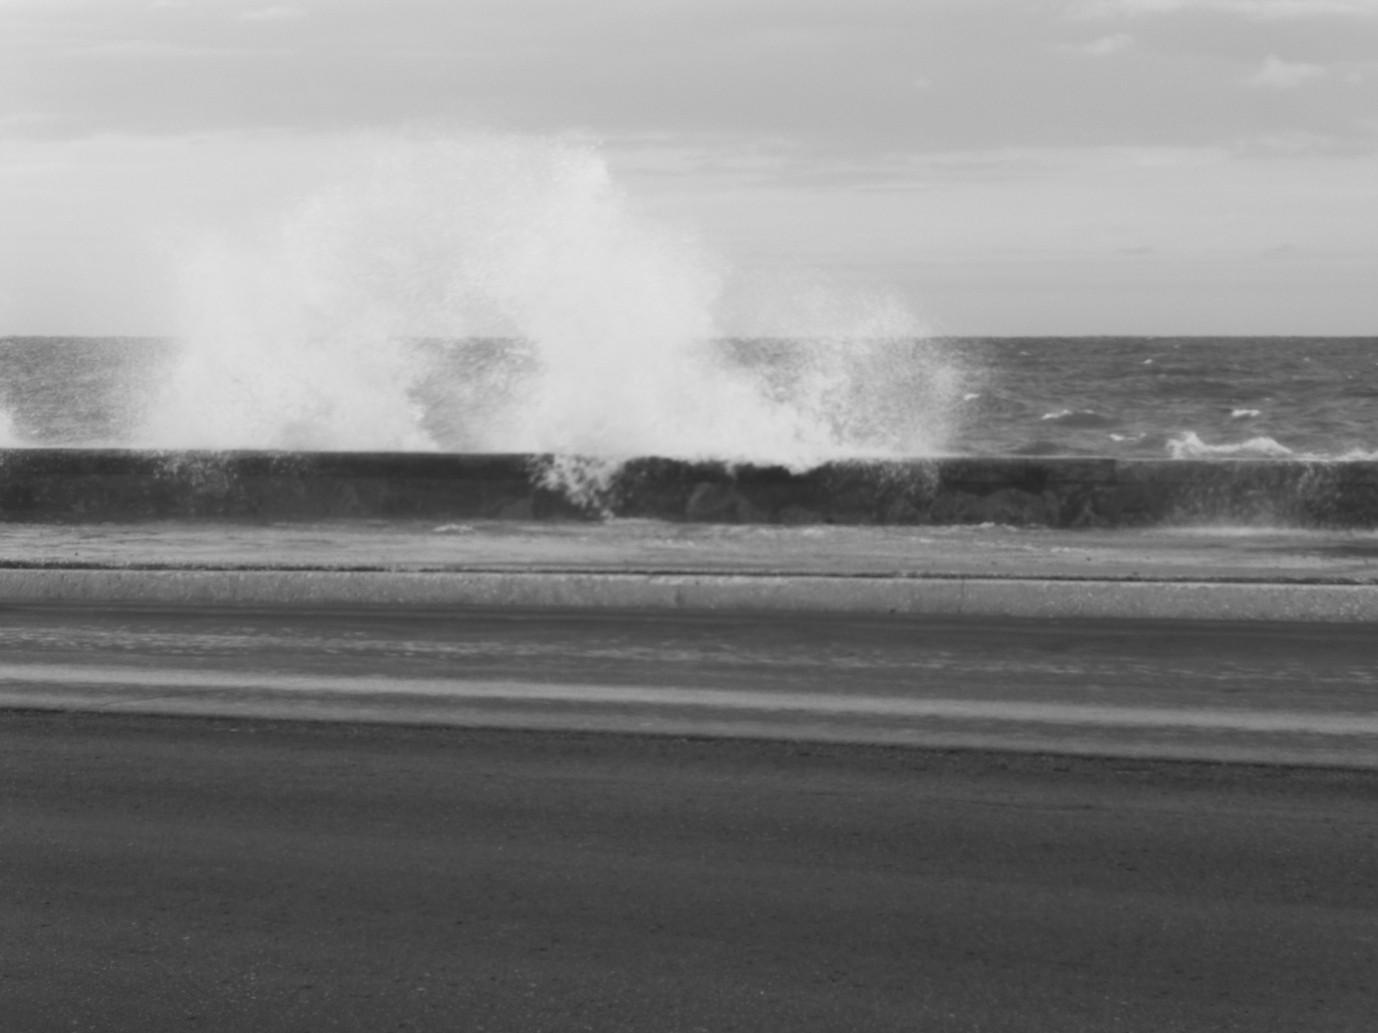 Malecon: Sturm kommt auf